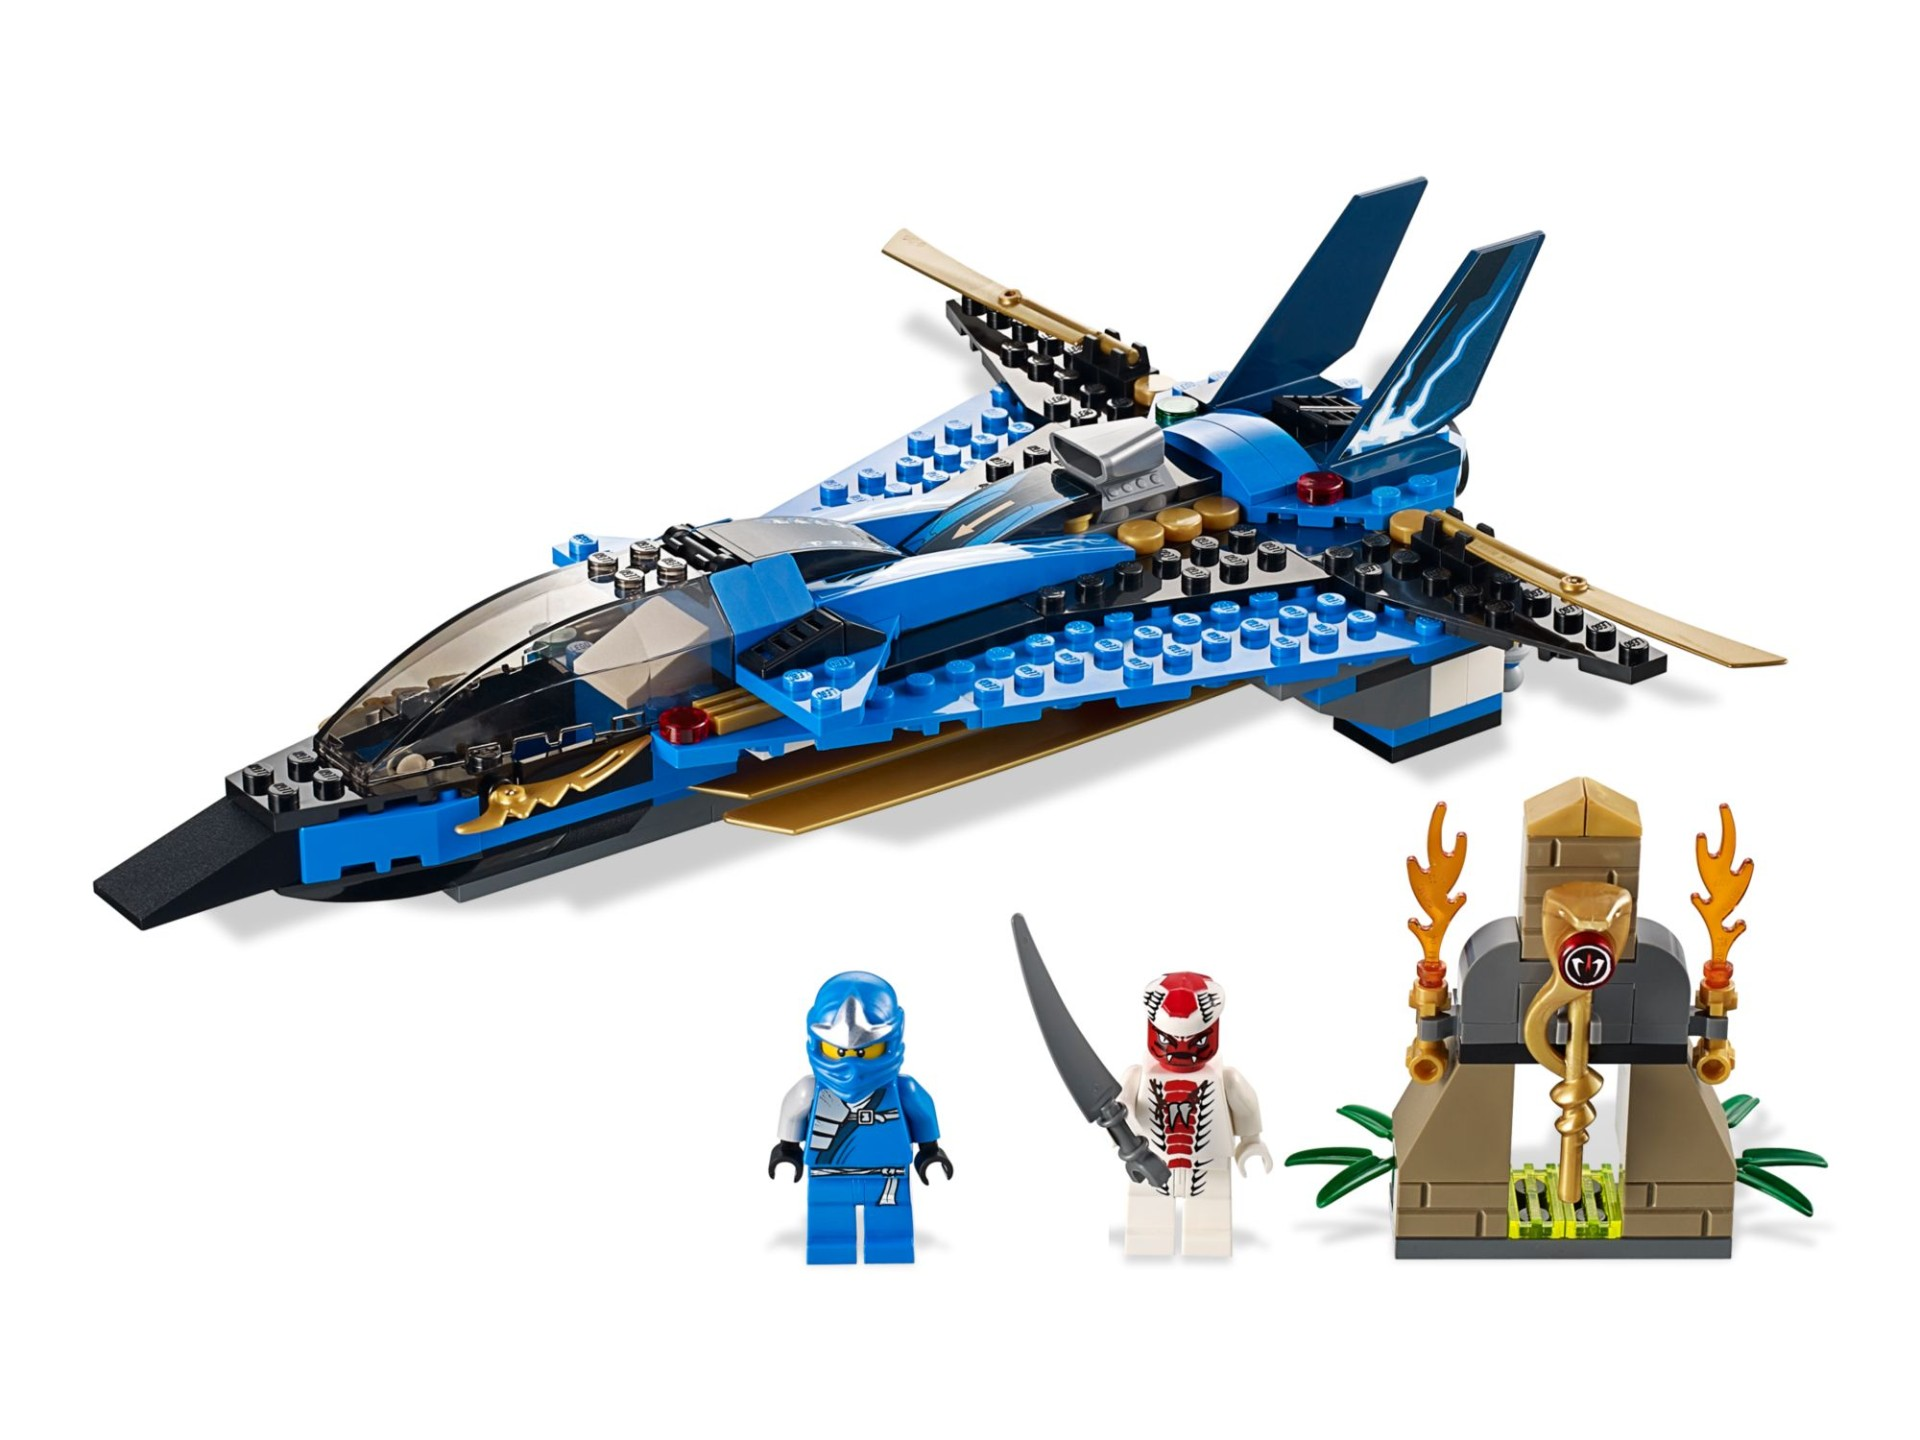 Конструктор Bl «Джей и его штурмовой истребитель» 9756 (NinjaGo 9442) / 241 деталь